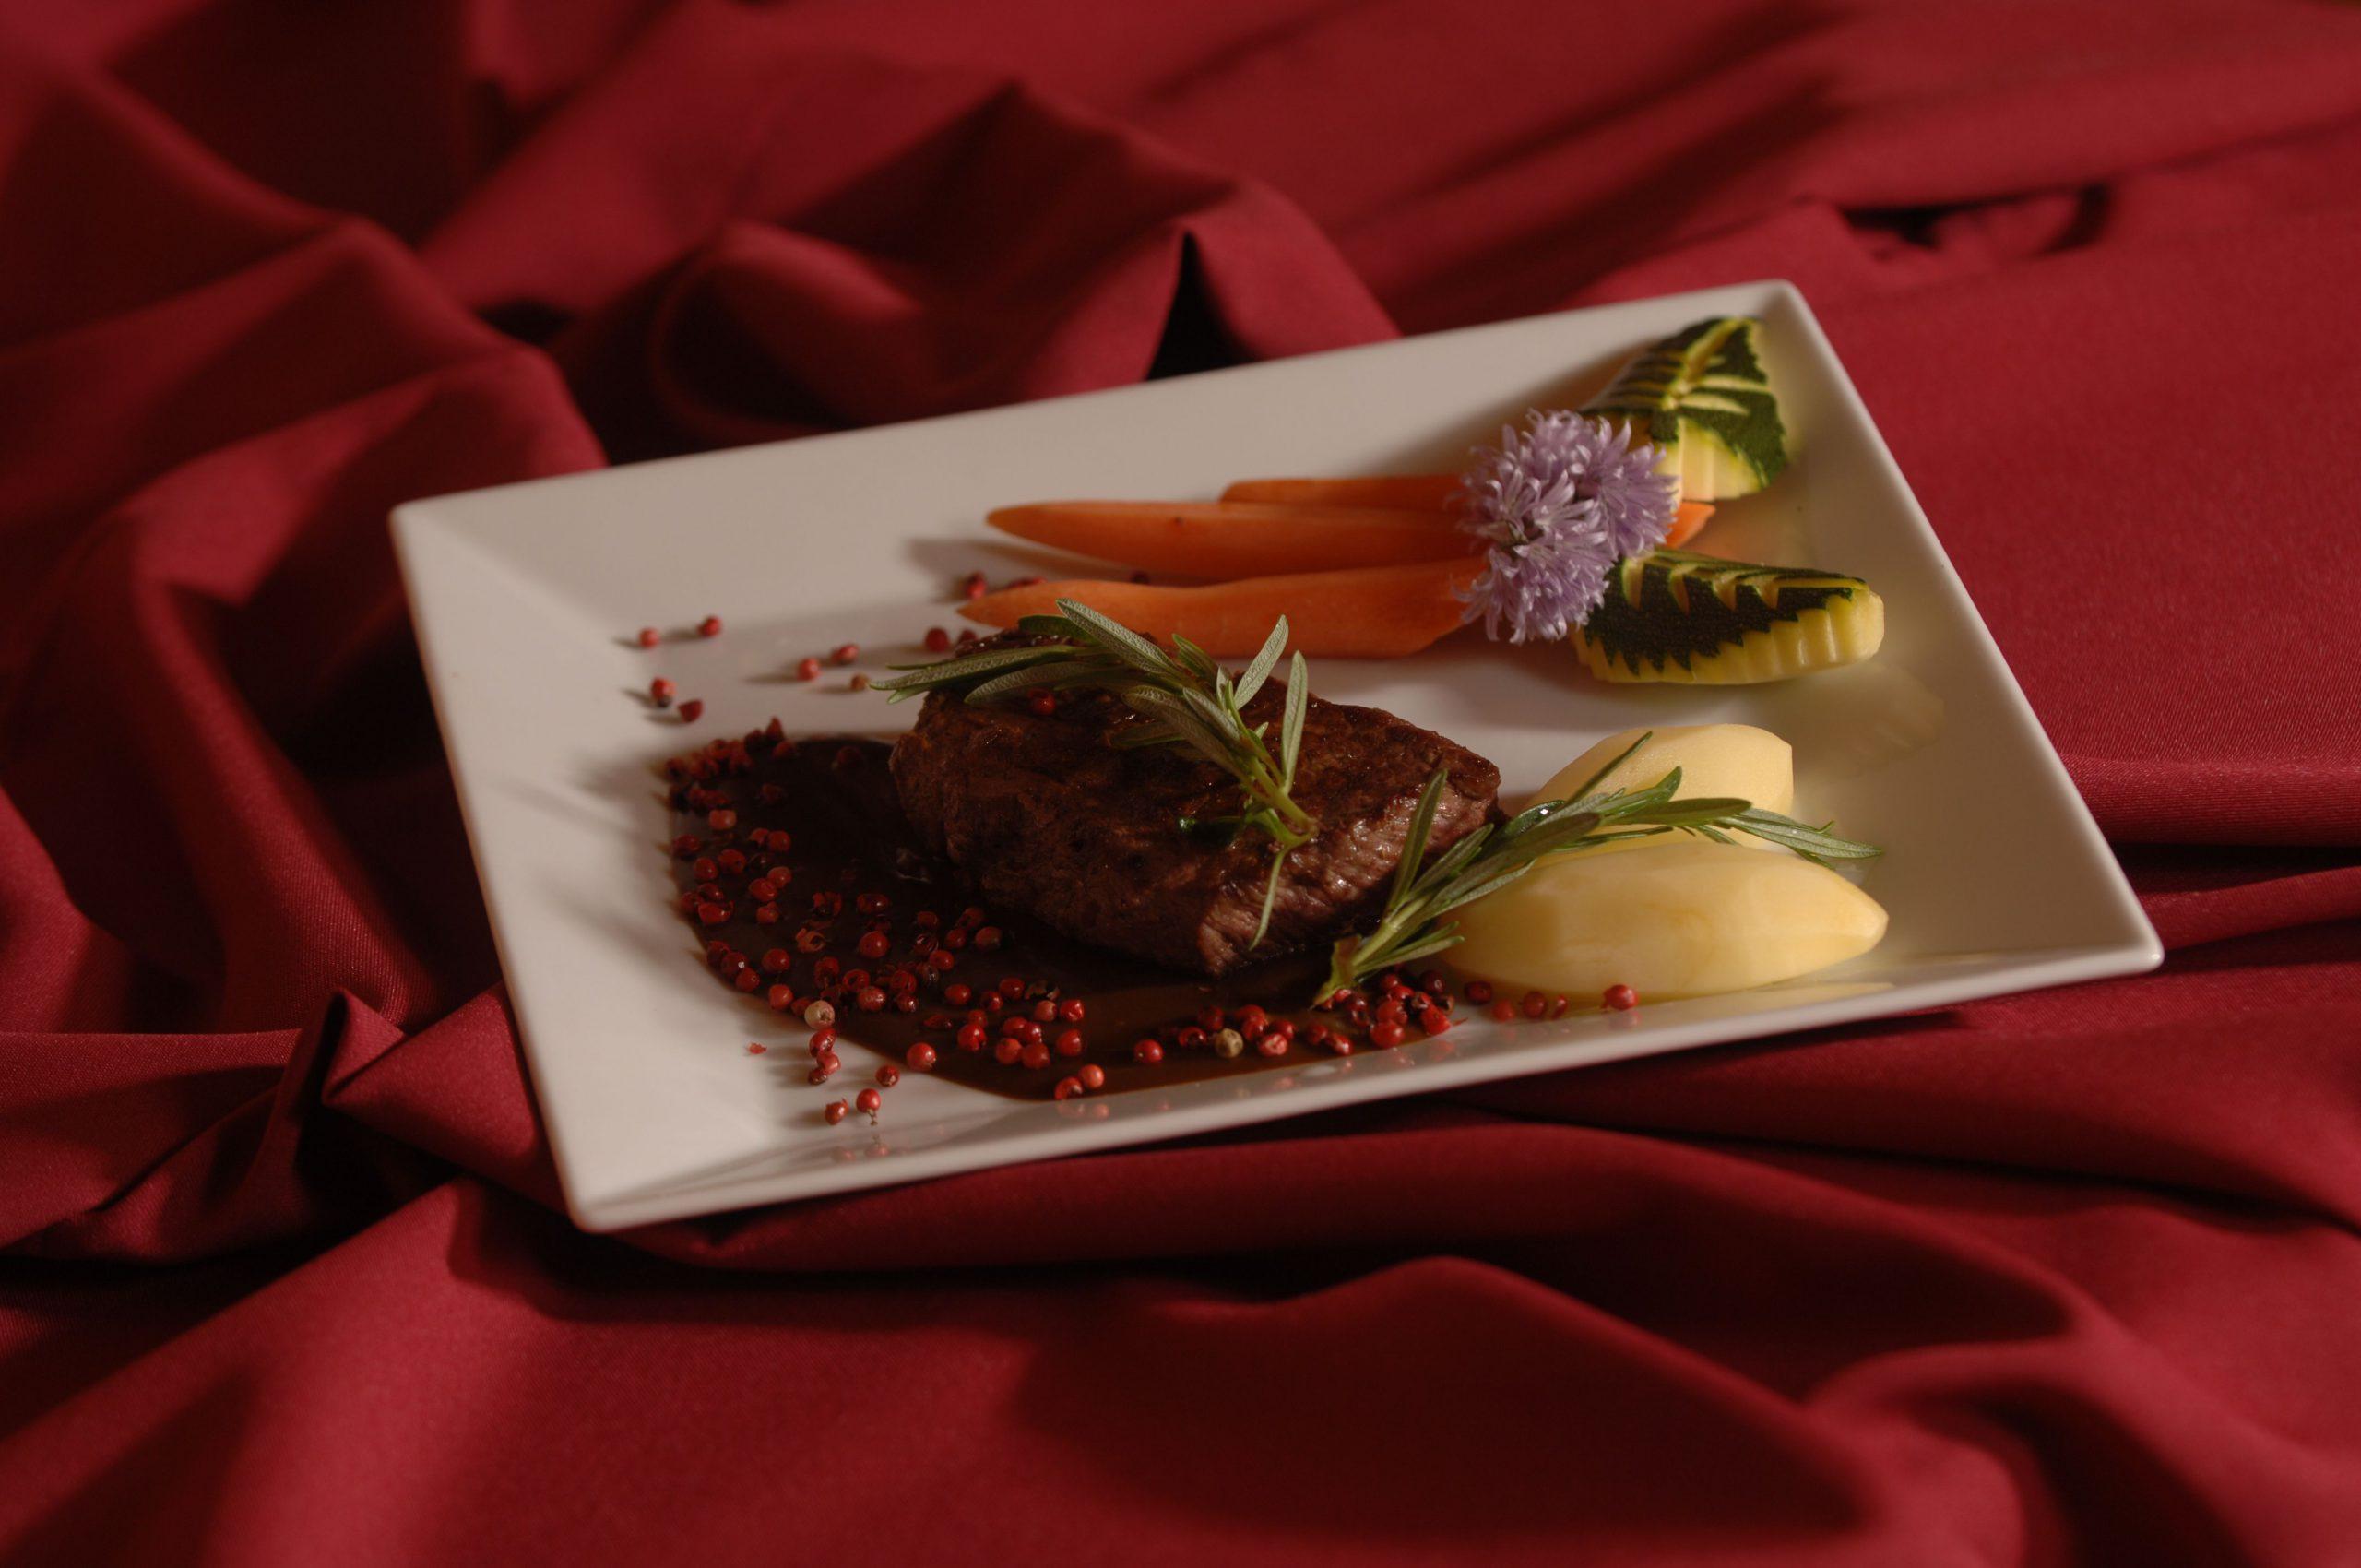 Hotel Alber cuisine